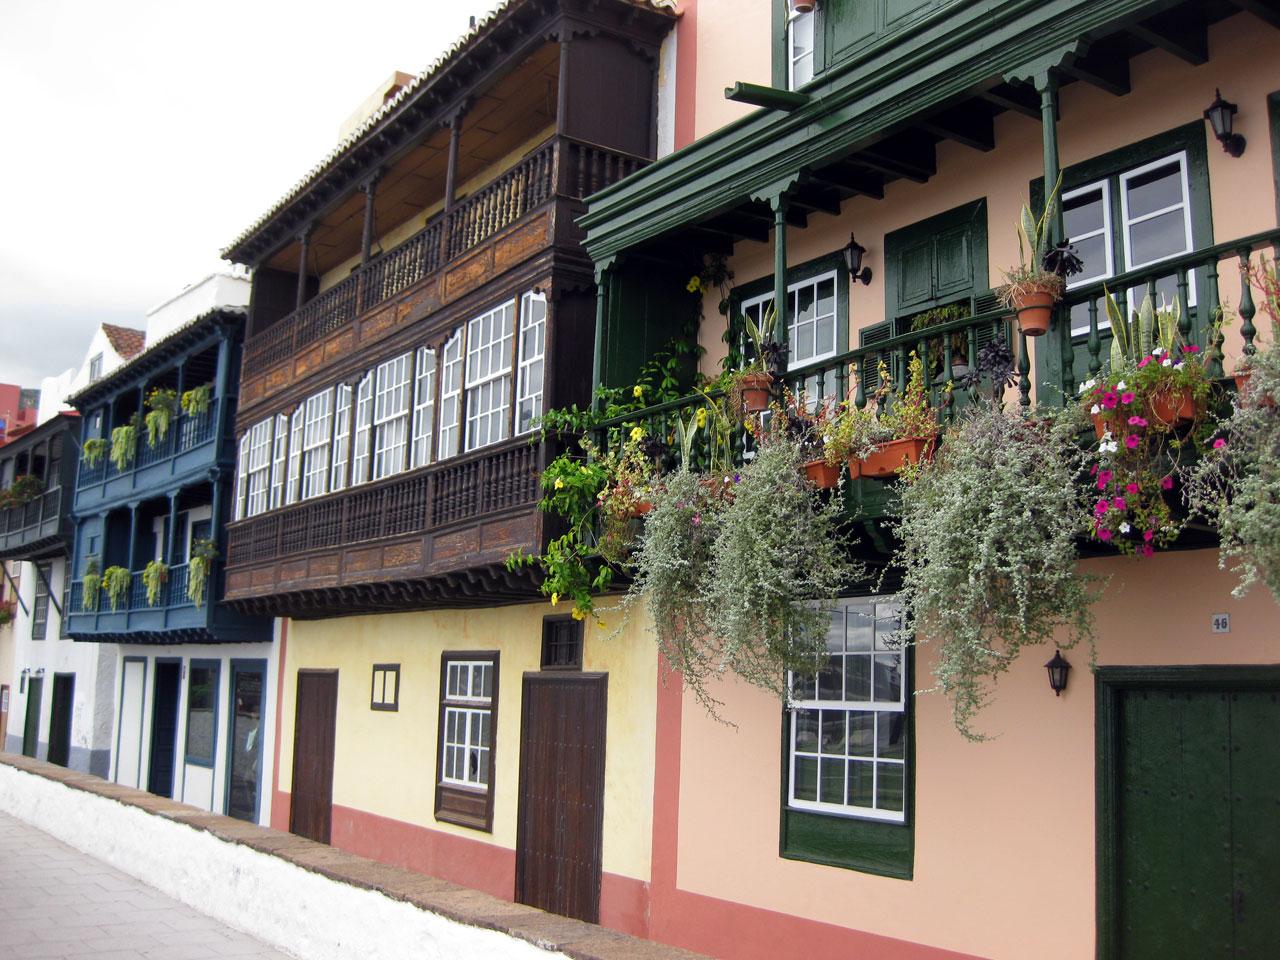 Balconies on Avenida Maritima, Santa Cruz de la Palma